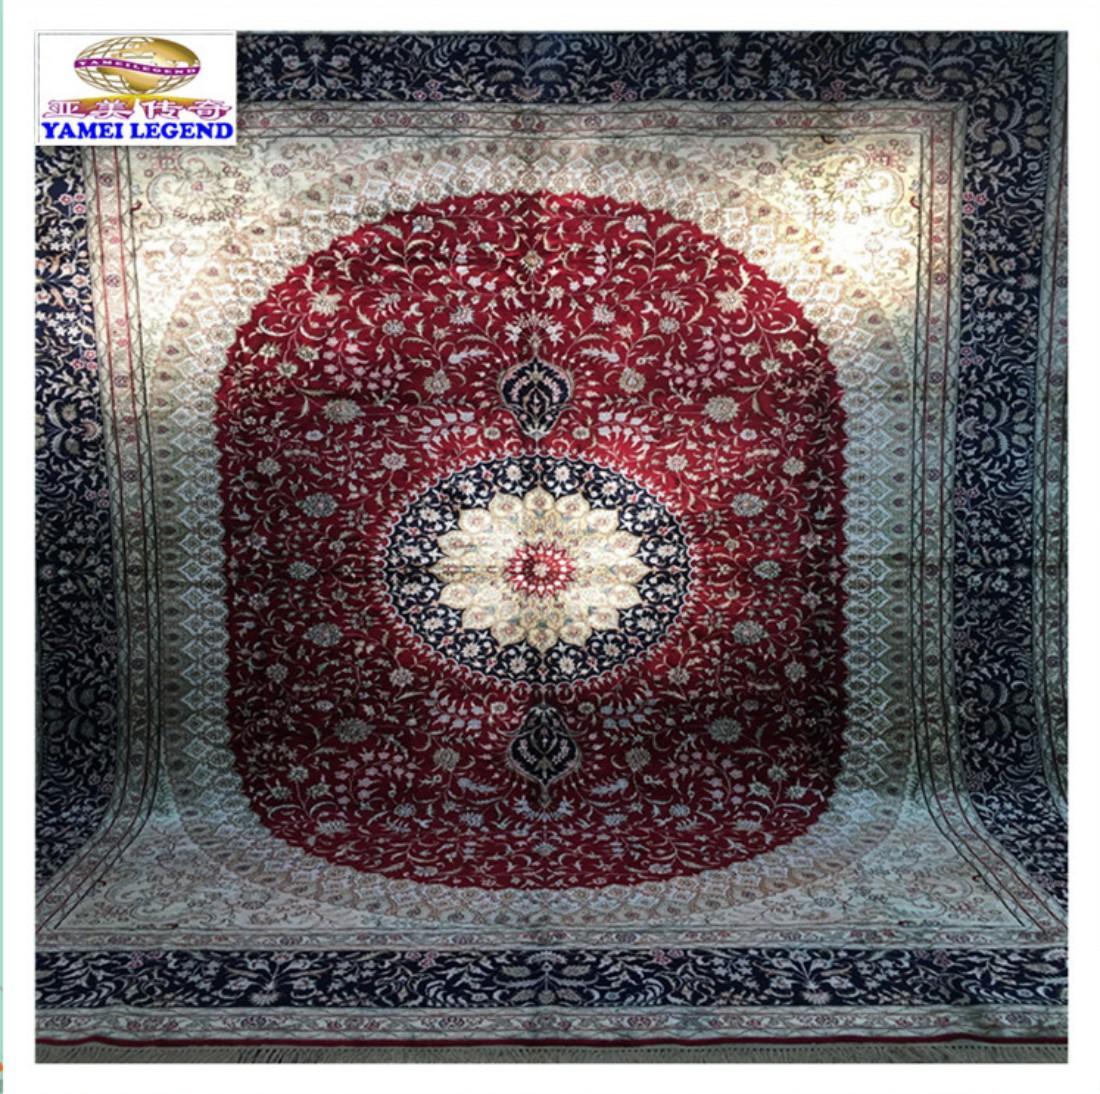 生产亚美传奇手工波斯地毯/美国客房大堂手工地毯 1